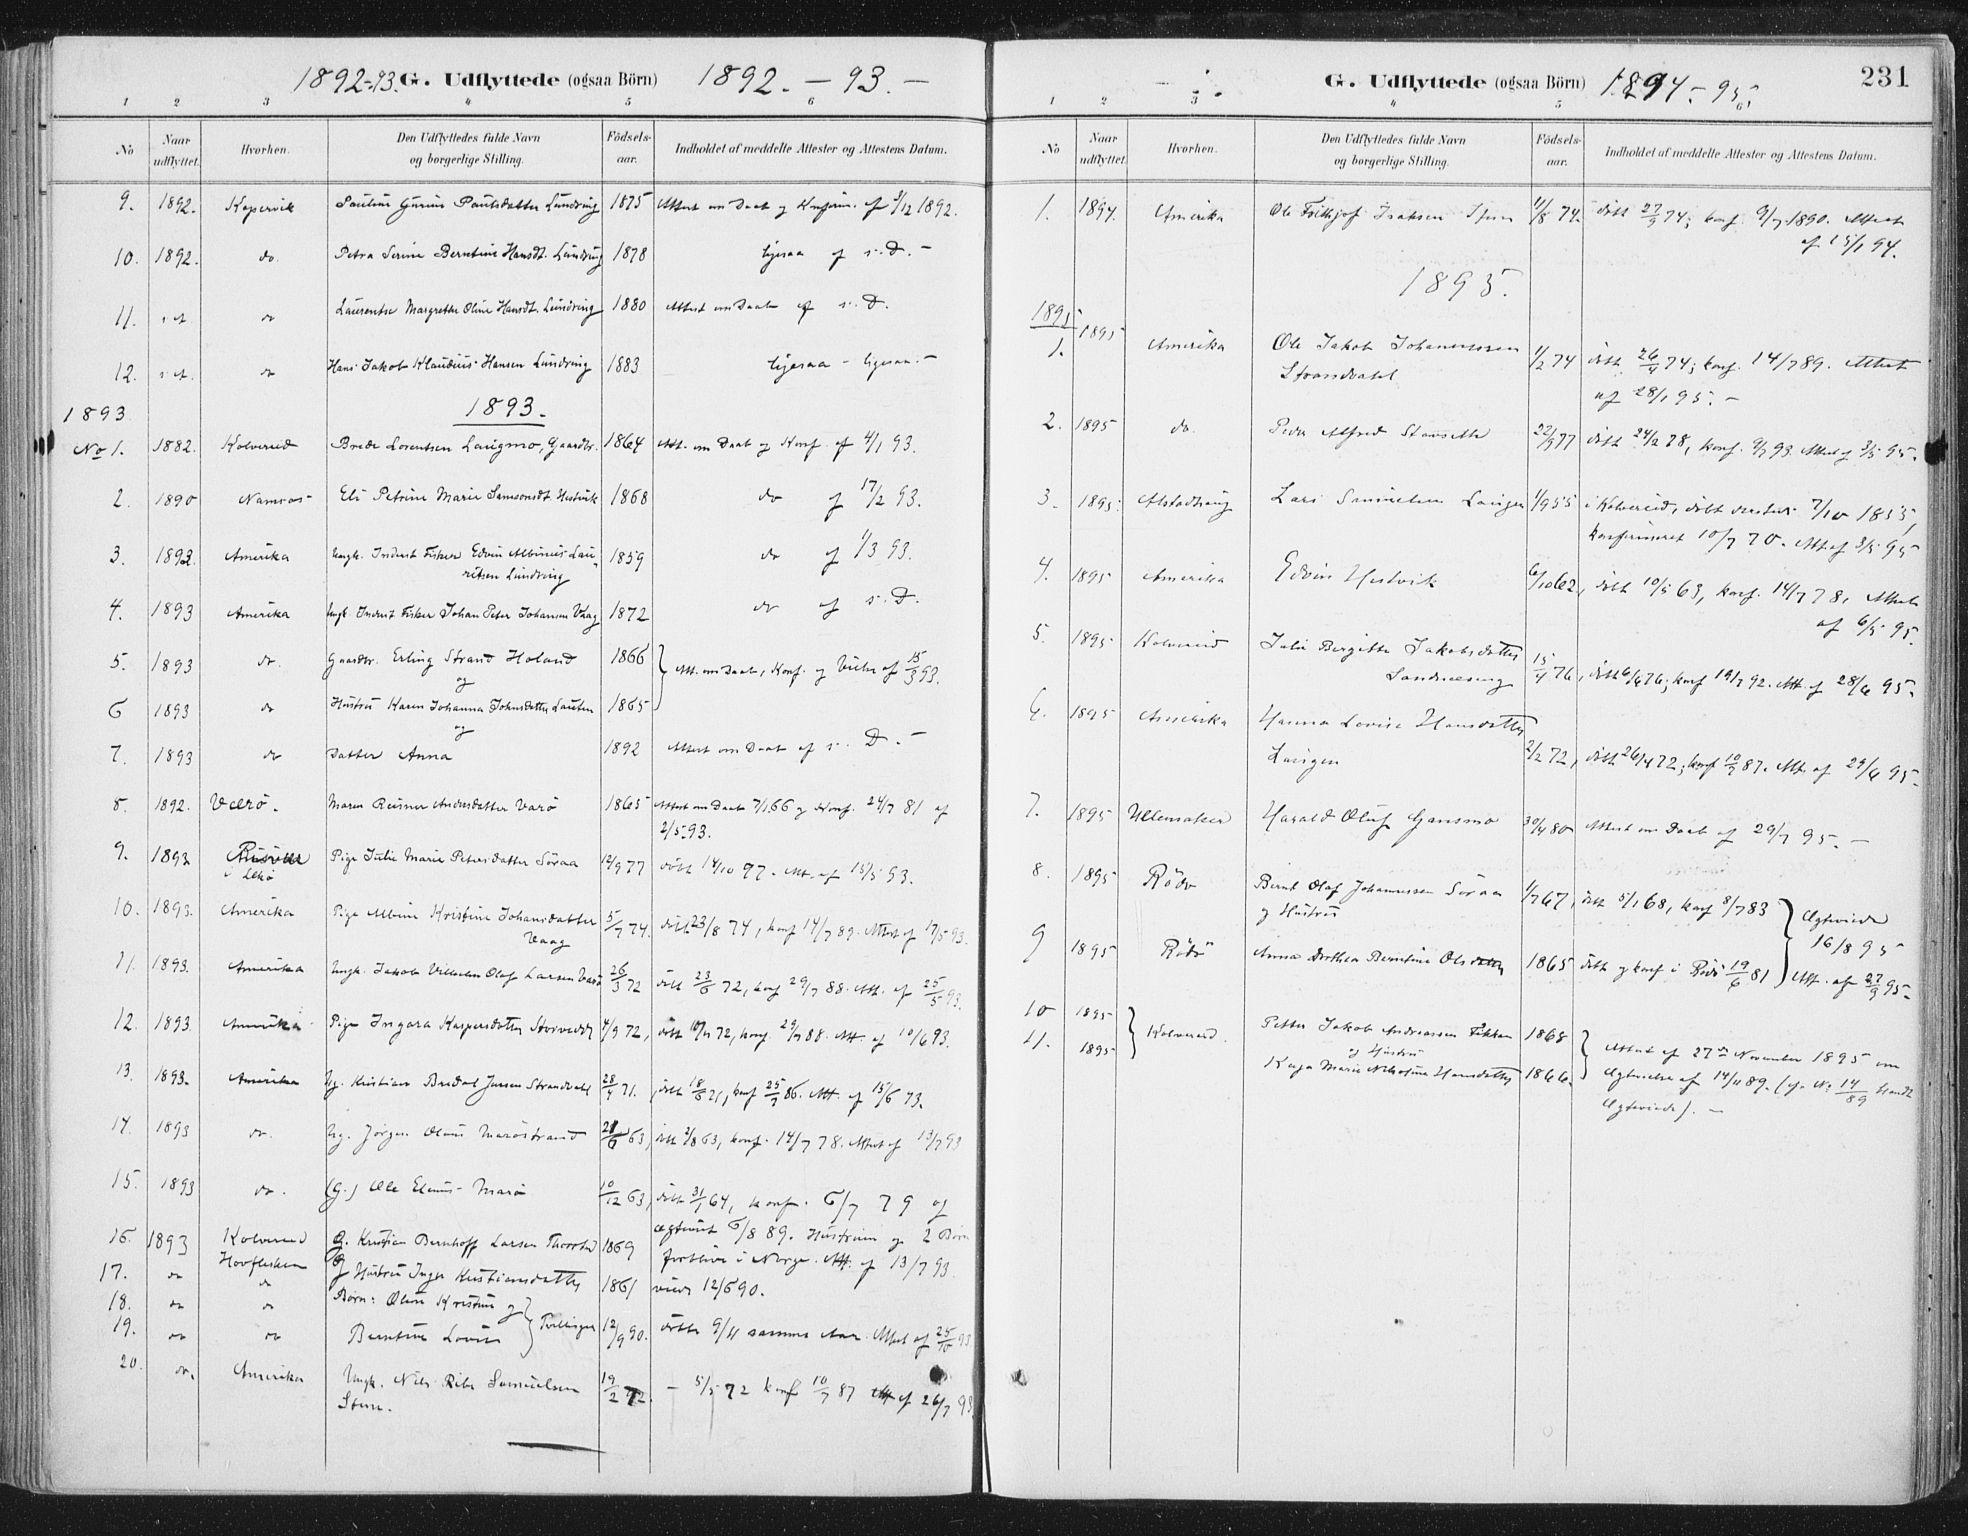 SAT, Ministerialprotokoller, klokkerbøker og fødselsregistre - Nord-Trøndelag, 784/L0673: Ministerialbok nr. 784A08, 1888-1899, s. 231